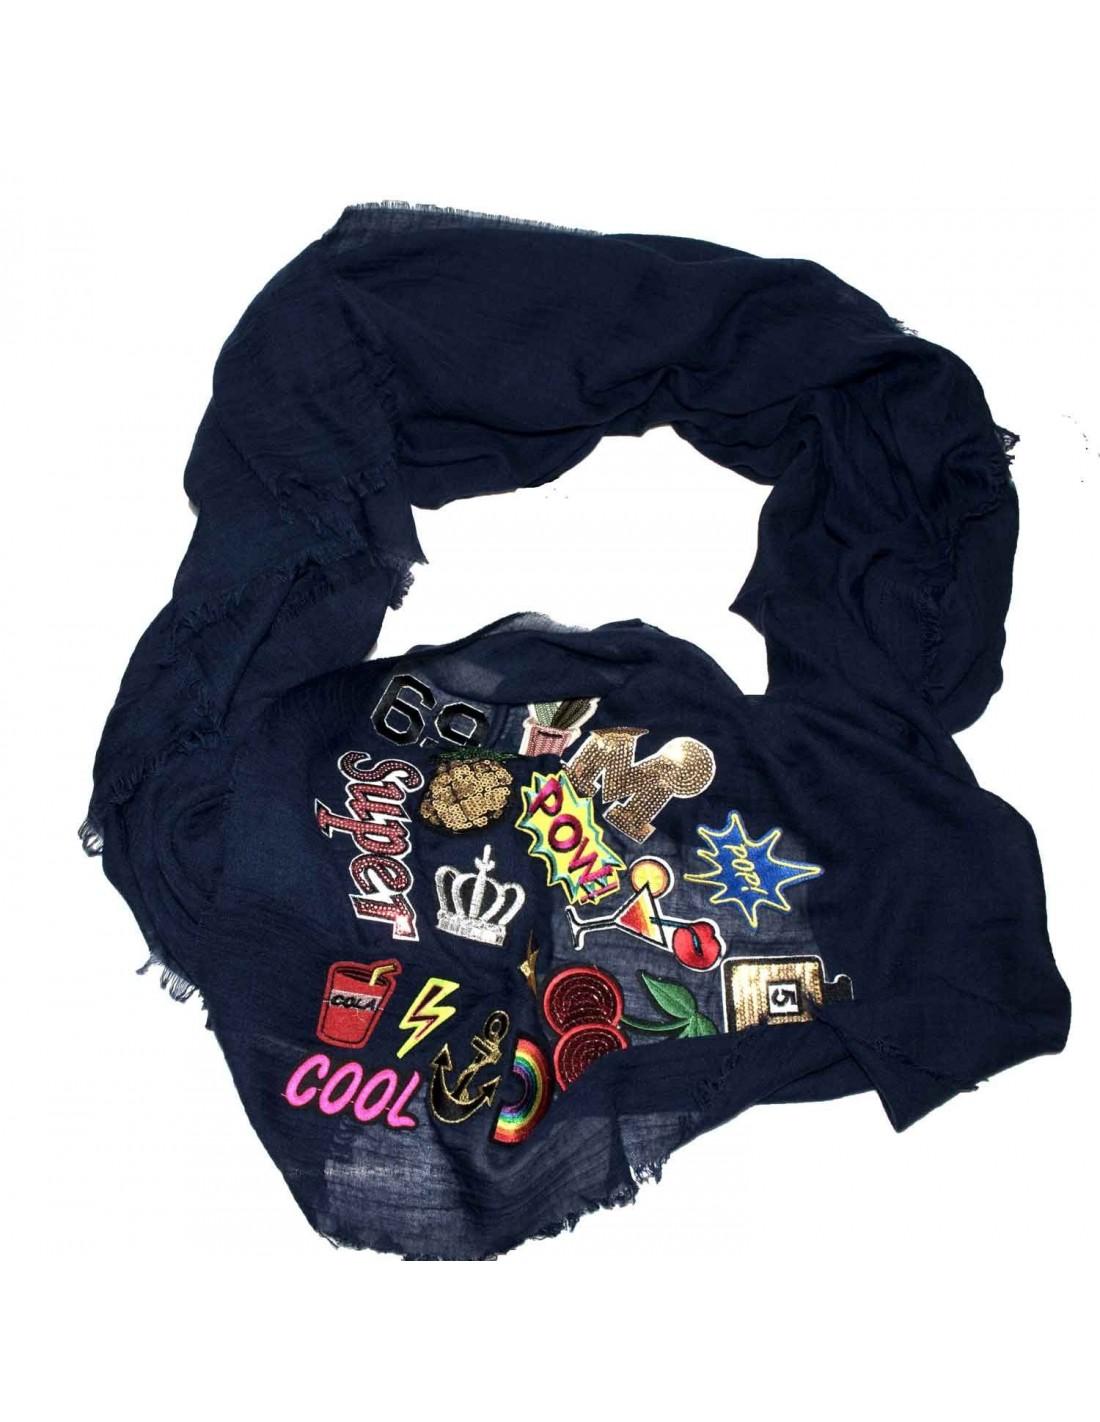 ... carré Patch écusson viscose bordeaux  foulard femme grand format 110cm  Patch écusson bleu marine ... 48fcc85ee6d